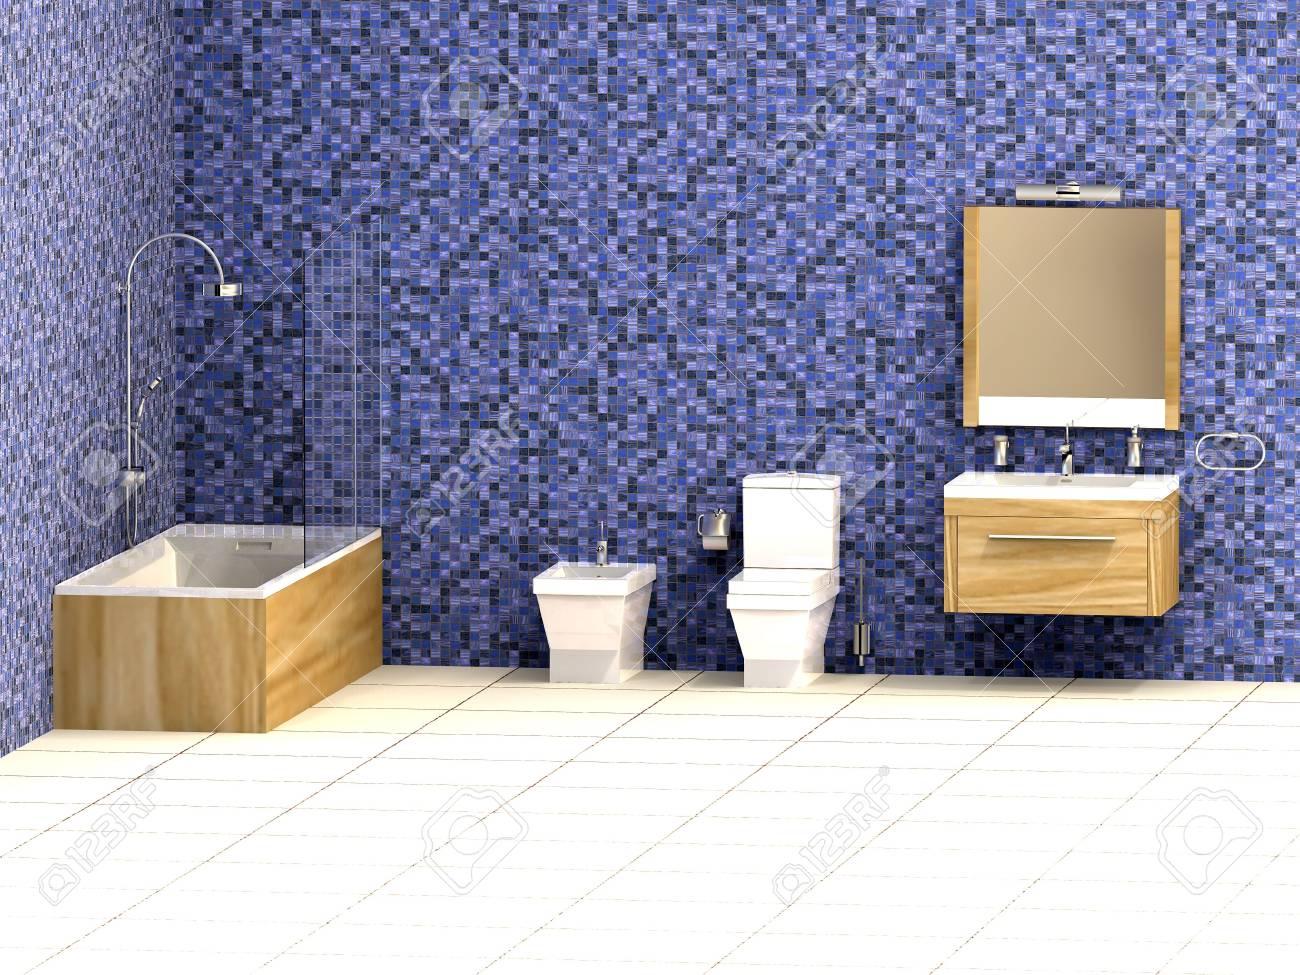 Piastrelle mosaico in bagno piastrelle mosaico bagno blu e nero